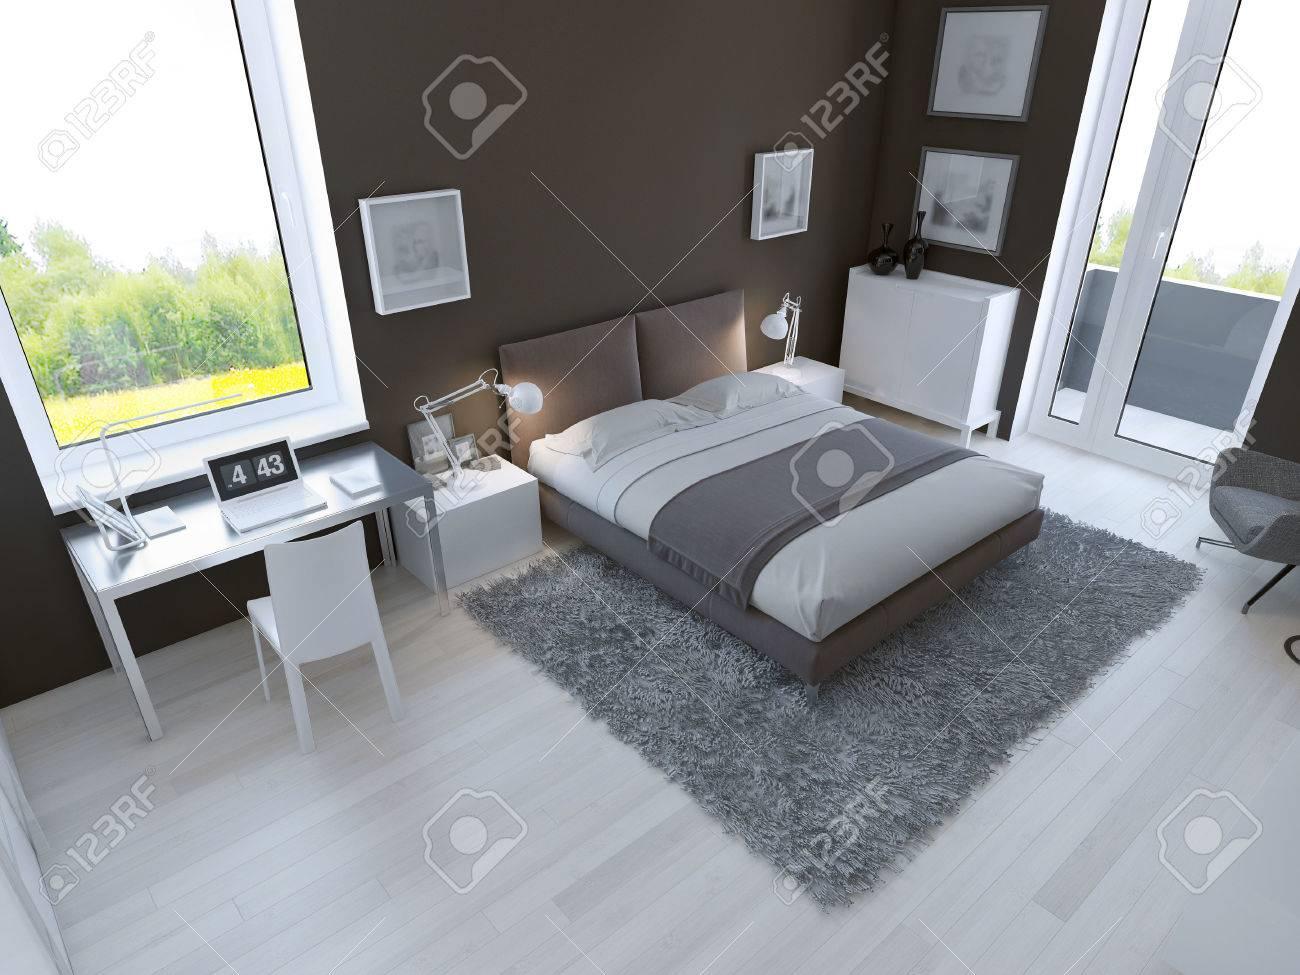 Braune Farbe Im Inter Von Schlafzimmer 3d Ubertragen Lizenzfreie